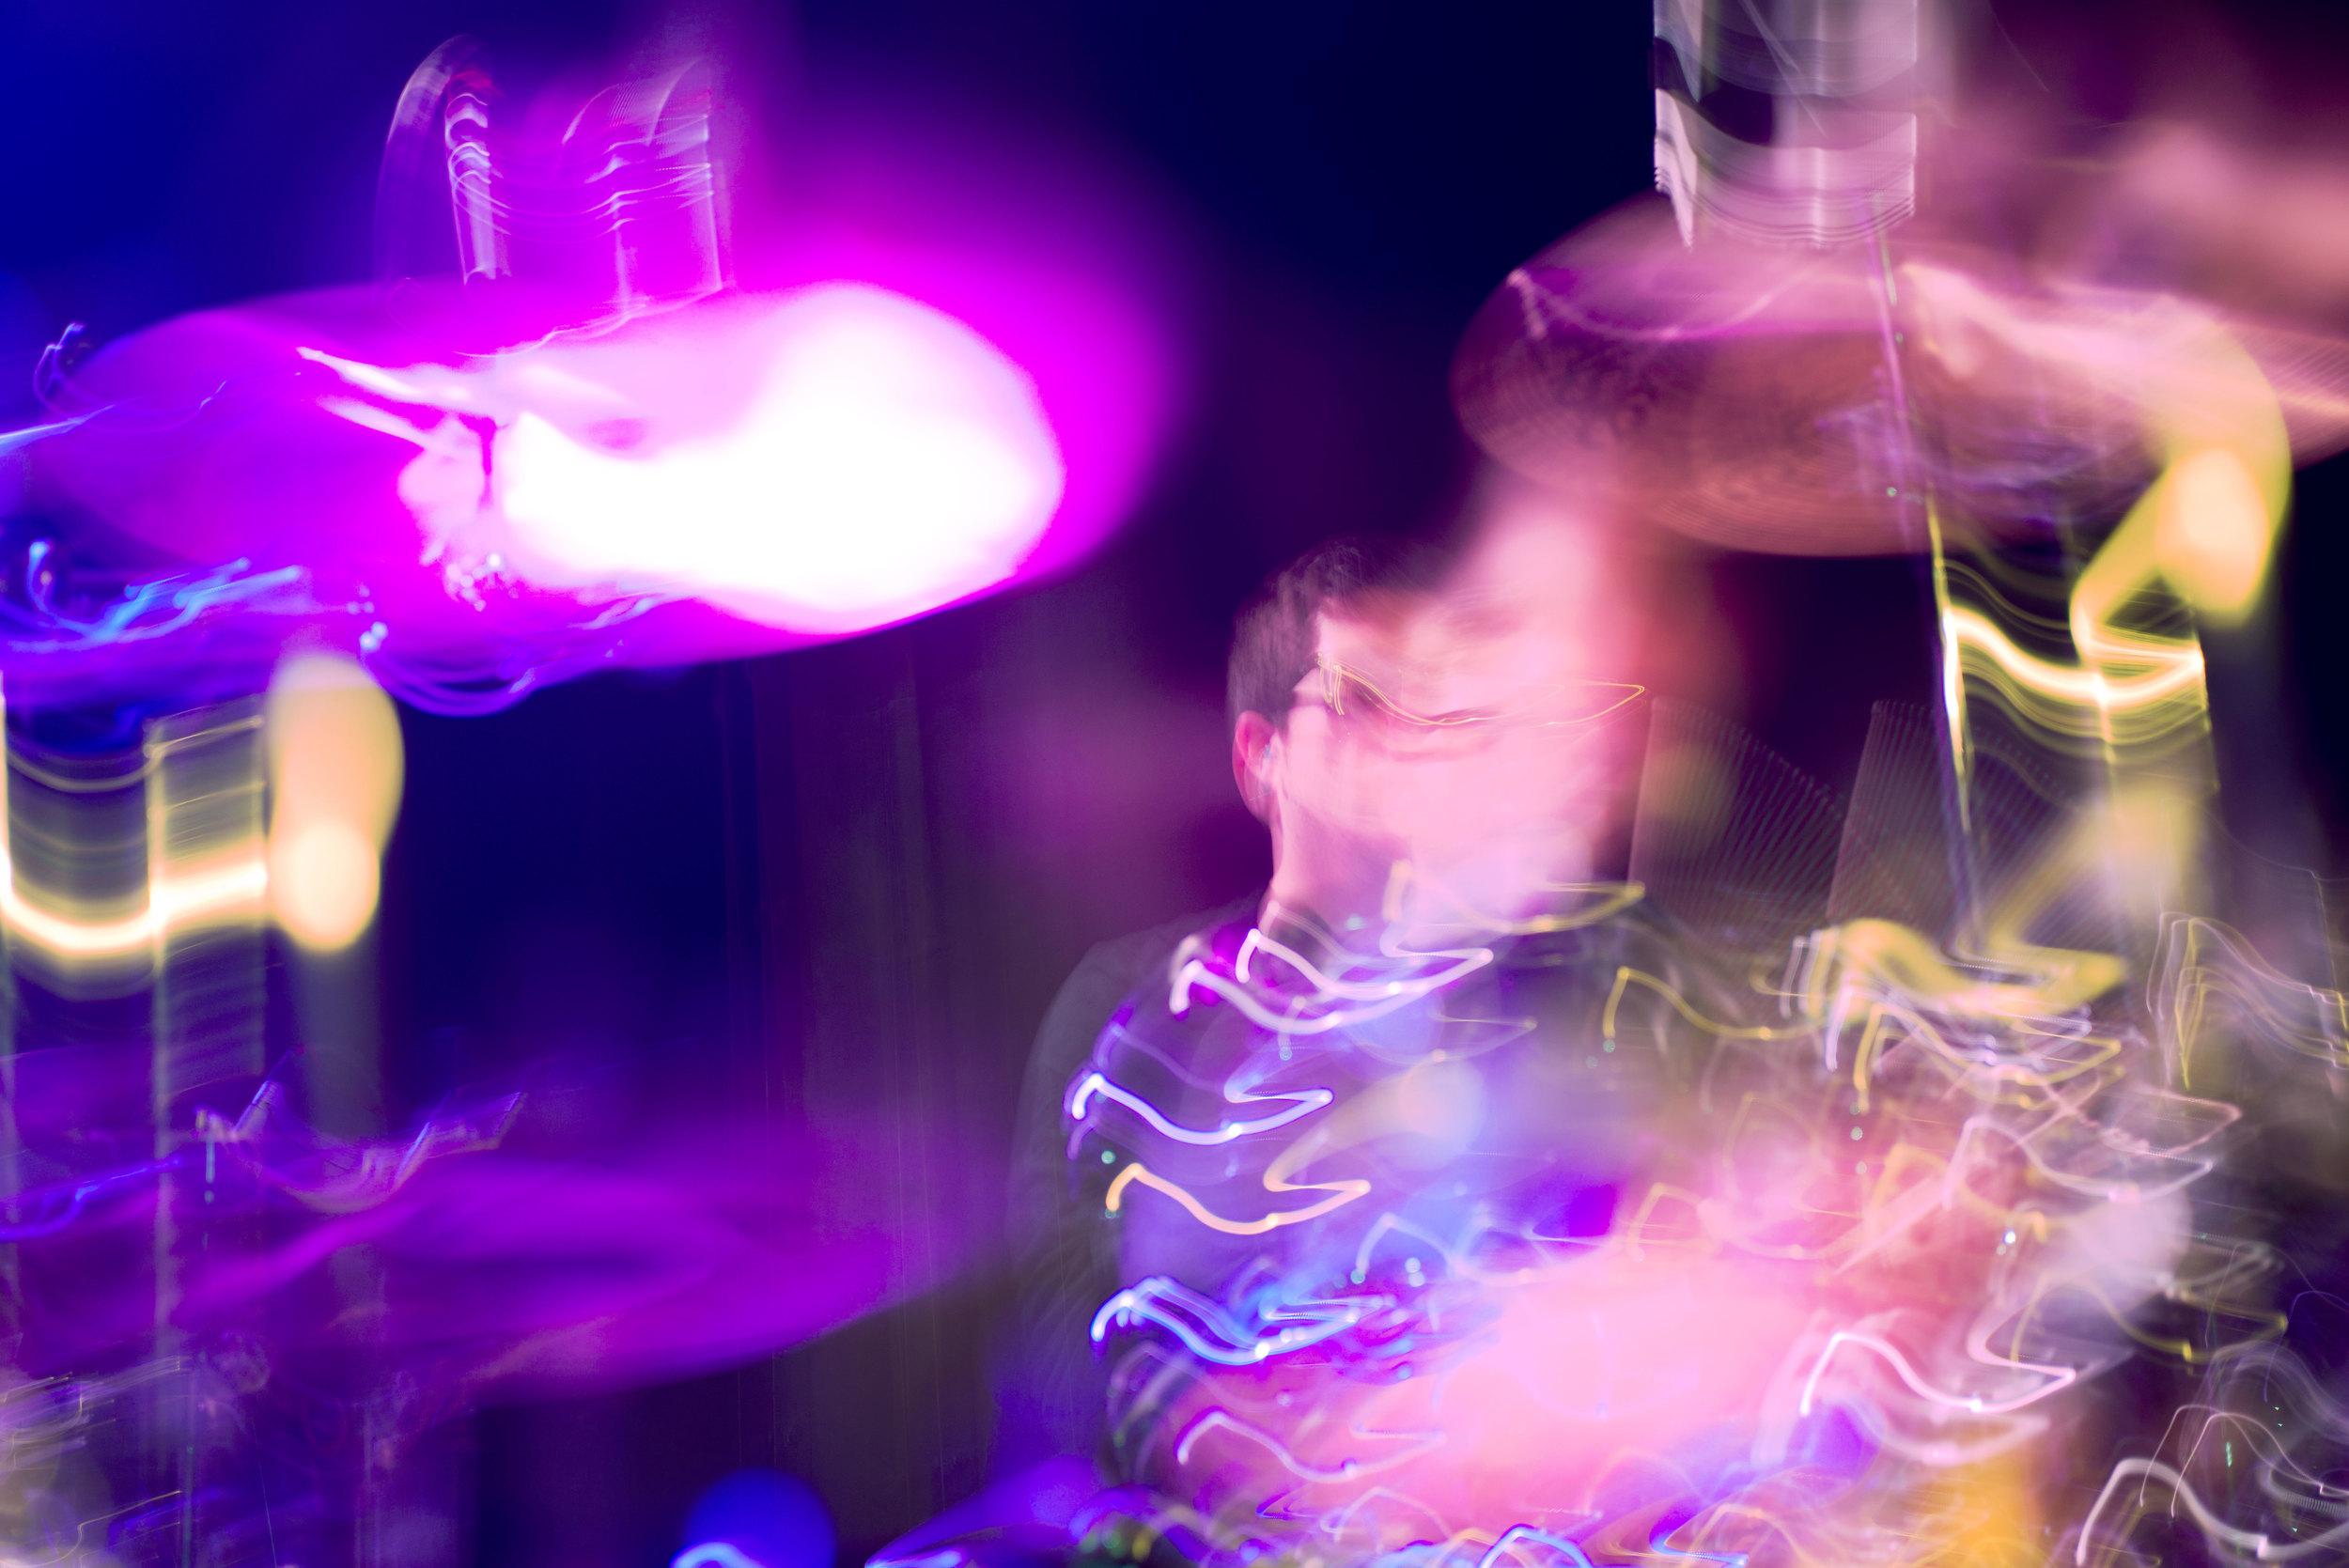 MusicianElliottStarnoErynMBrydon.jpg